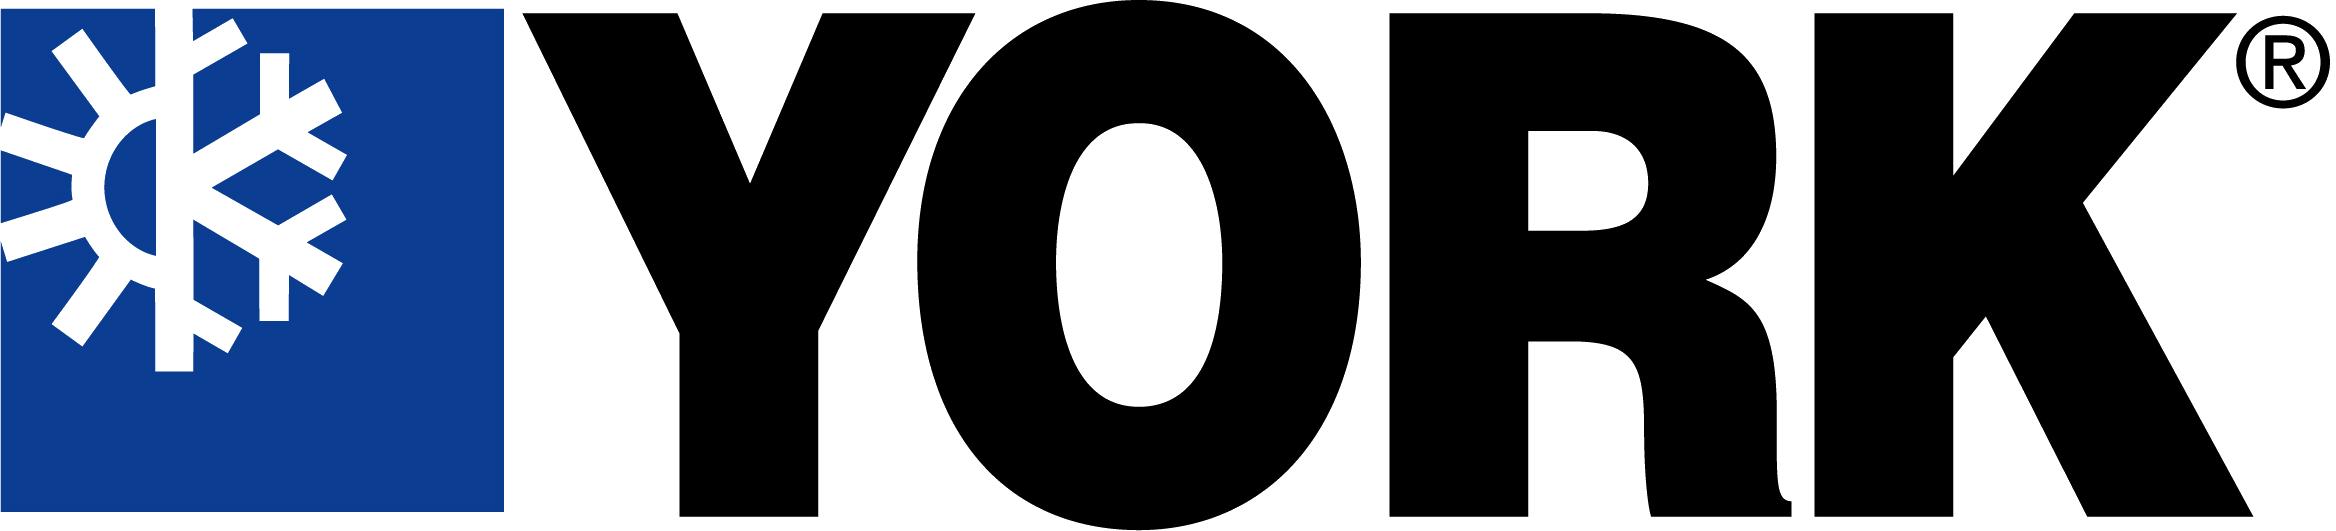 York-logo-1.png